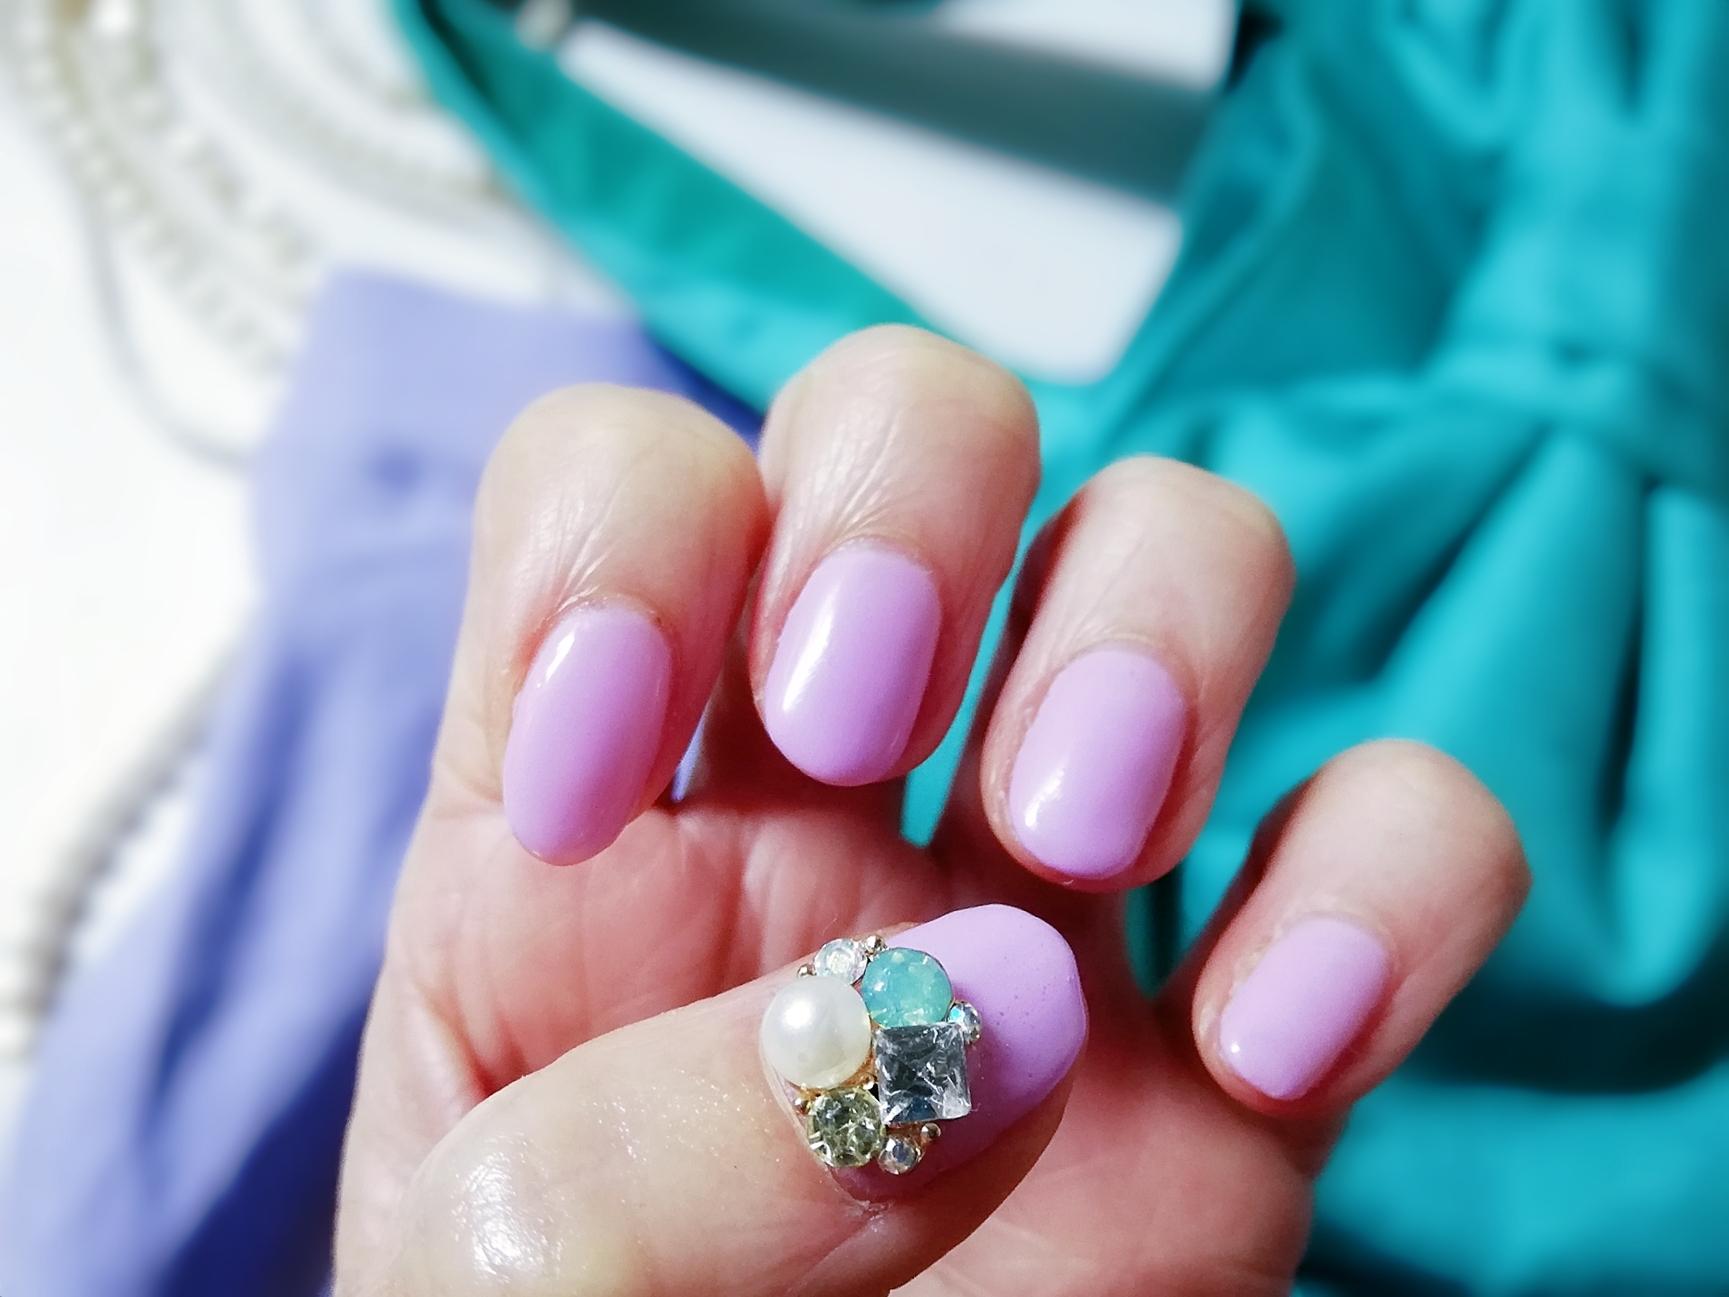 塗るだけで即旬な指先に【春色パープルネイル】と【bouejeloud(ブージュルード)】のパープルファッション